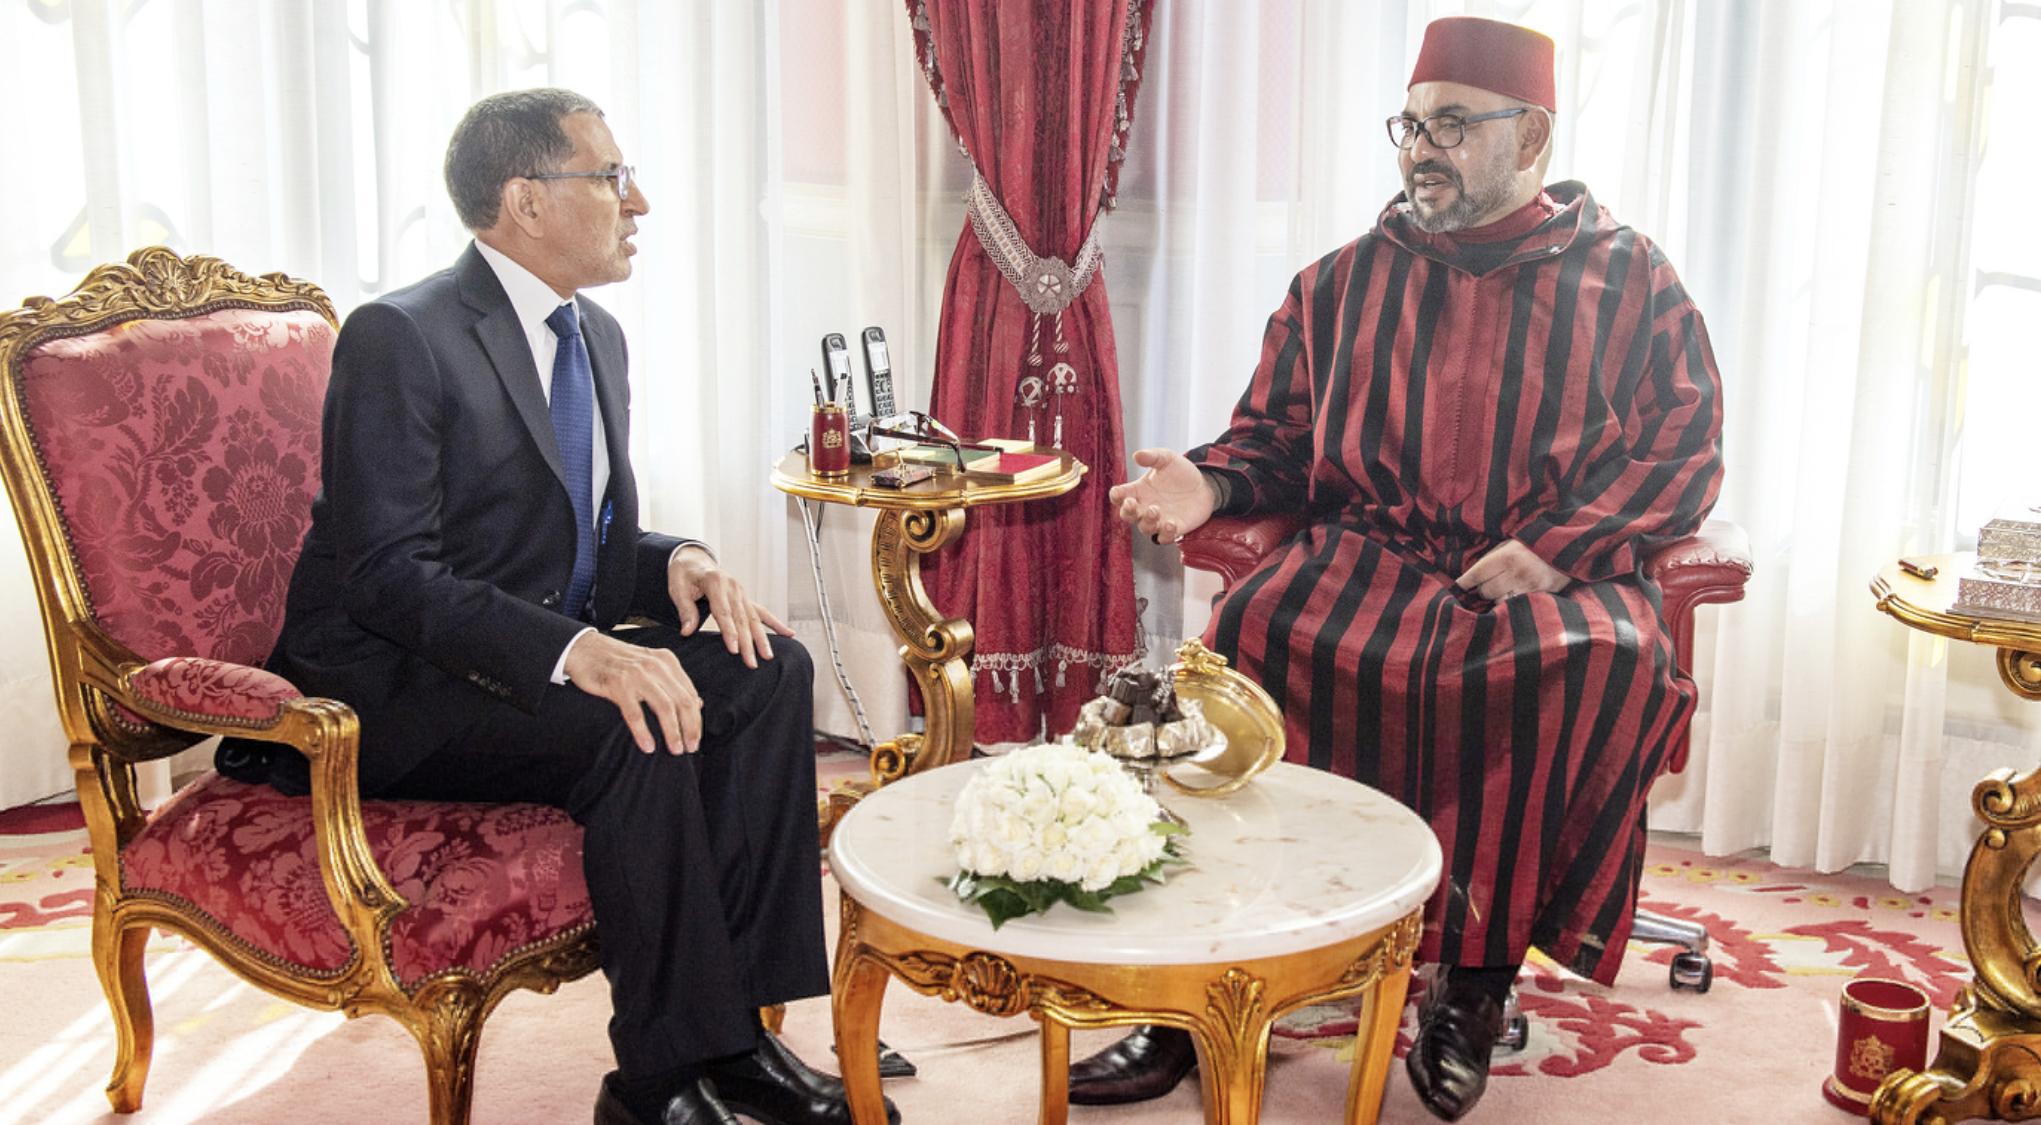 العثماني : لا تقنوقراط في التعديل الحكومي و توزيع الحقائب الوزارية بعد عودتي من نيويورك !